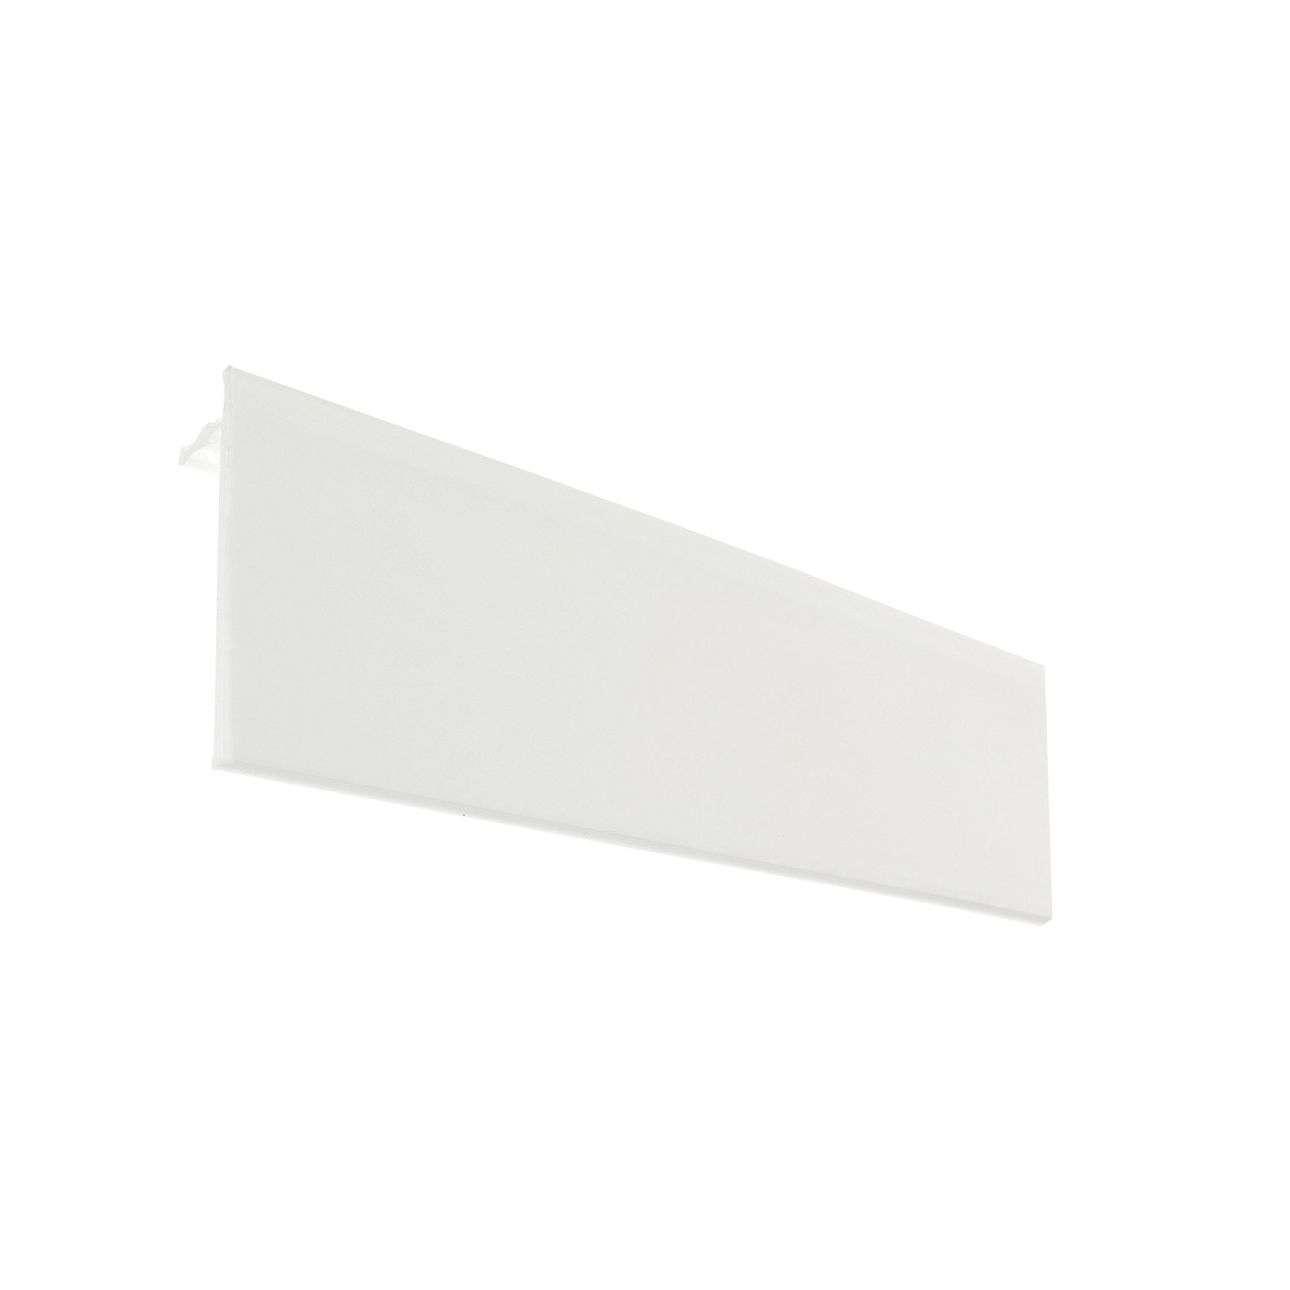 Curtain Cover Strip